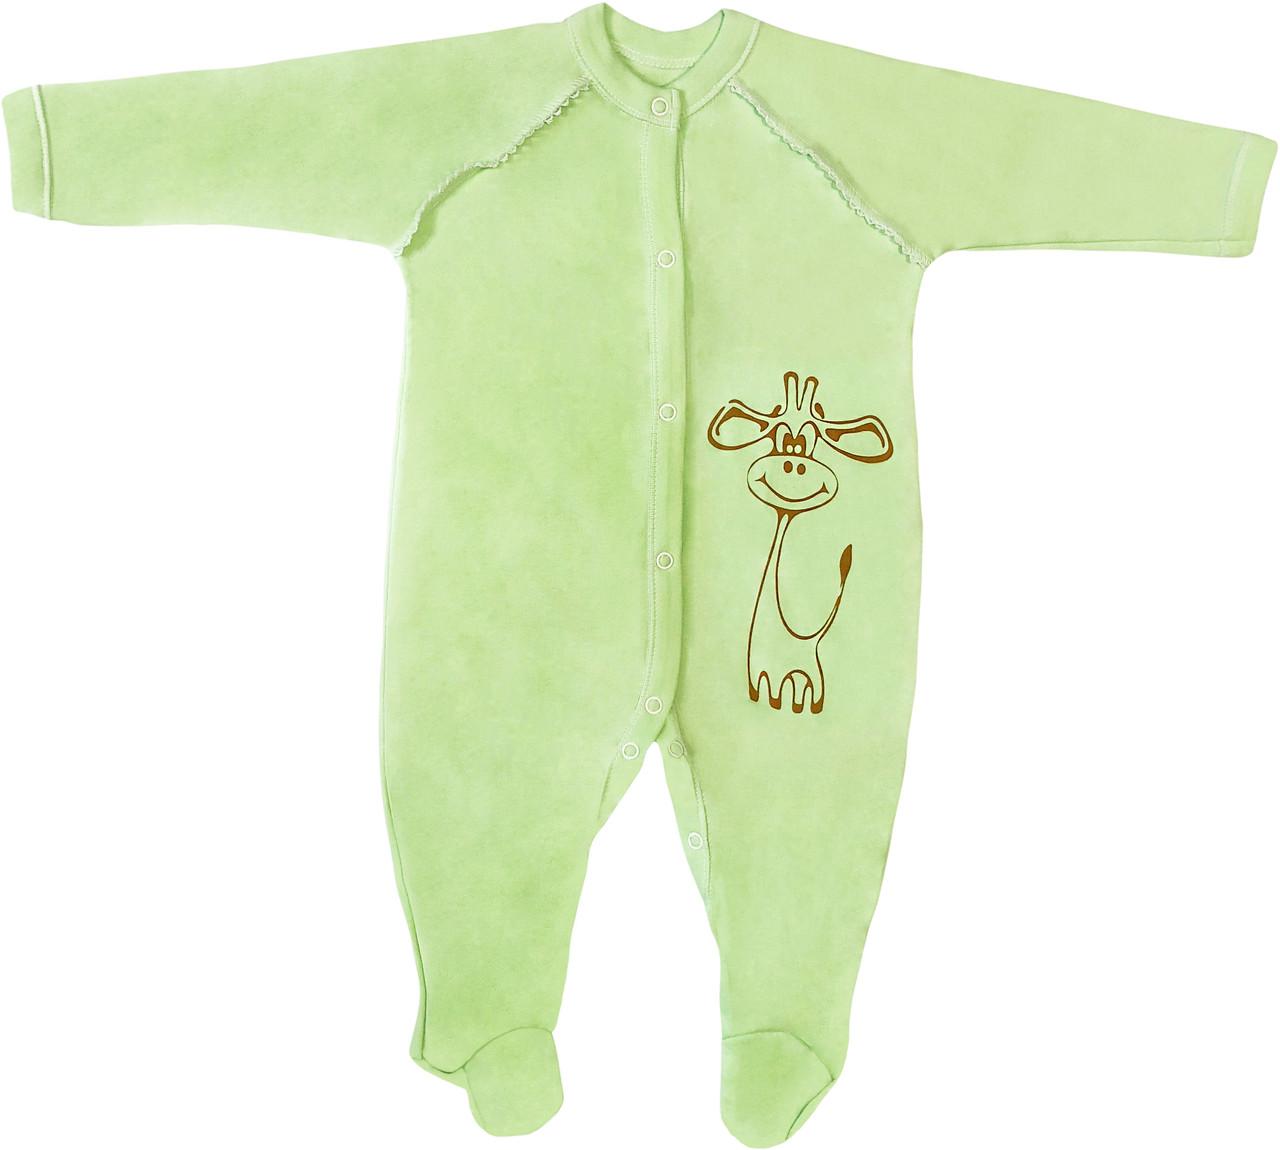 Тёплый человечек с начёсом для новорожденных рост 80 9-12 мес на мальчика девочку слип трикотажный салатовый